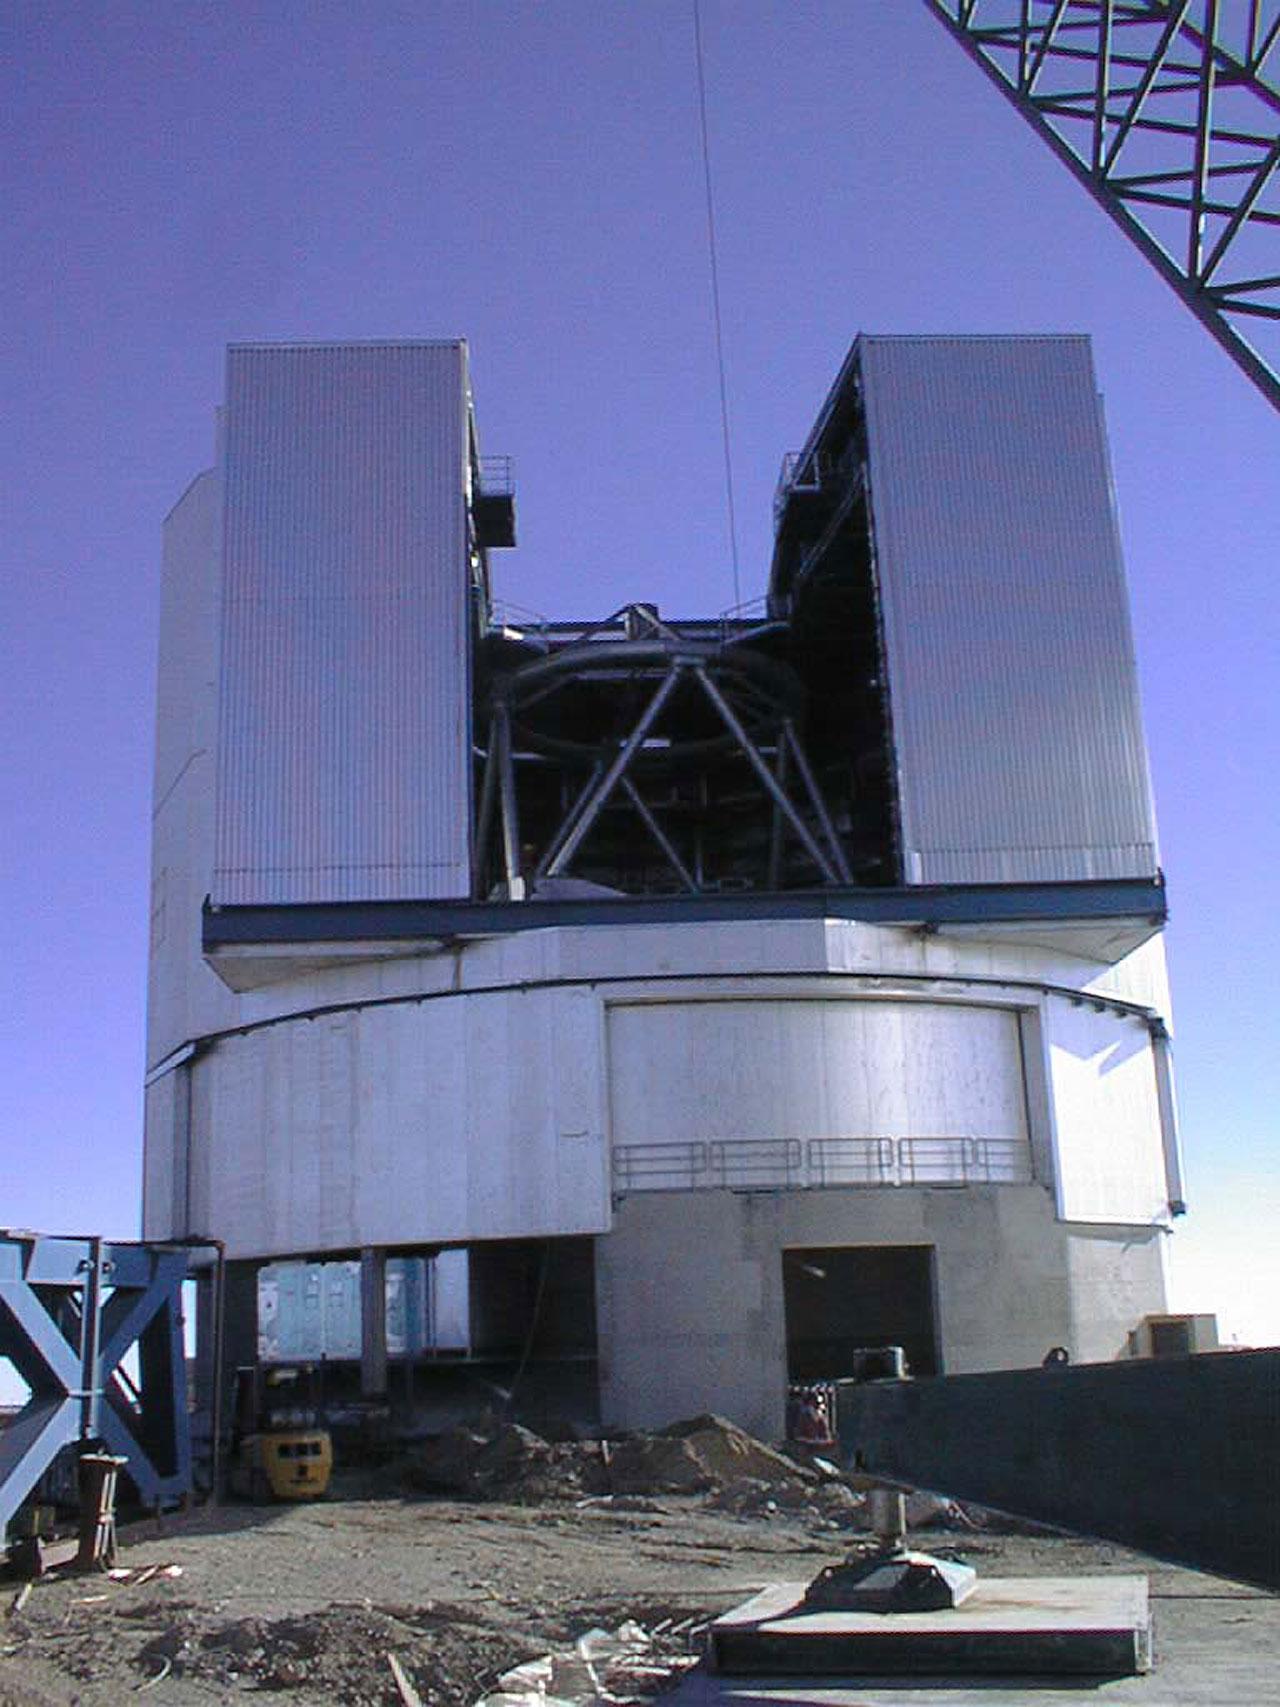 Unit Telescope 1 in its Enclosure